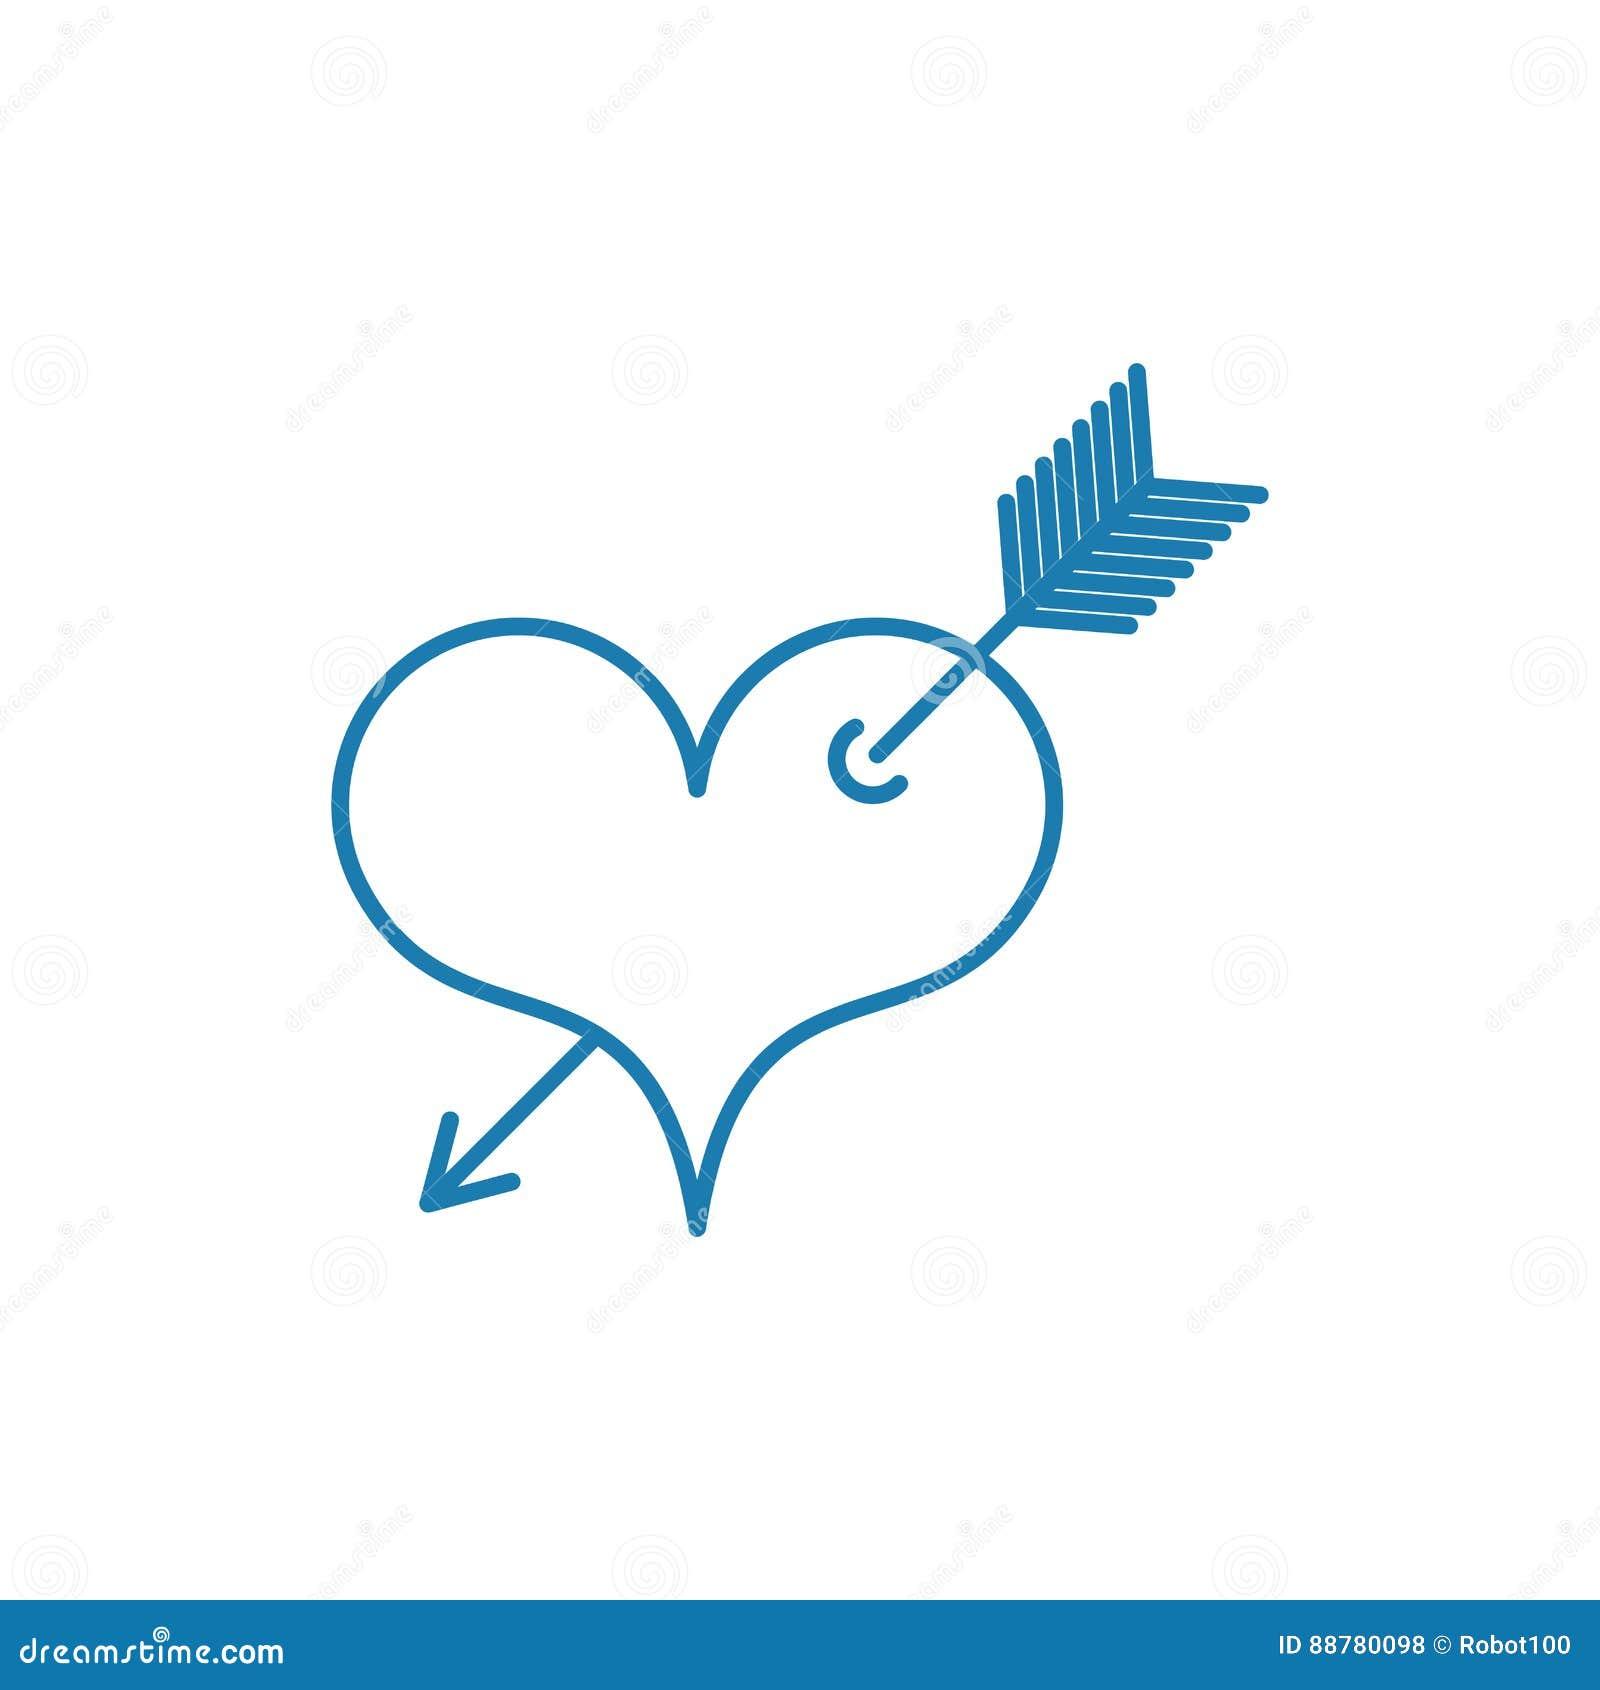 coeur avec le symbole de tatouage de fl che de l 39 amour style lin aire illustration de vecteur. Black Bedroom Furniture Sets. Home Design Ideas